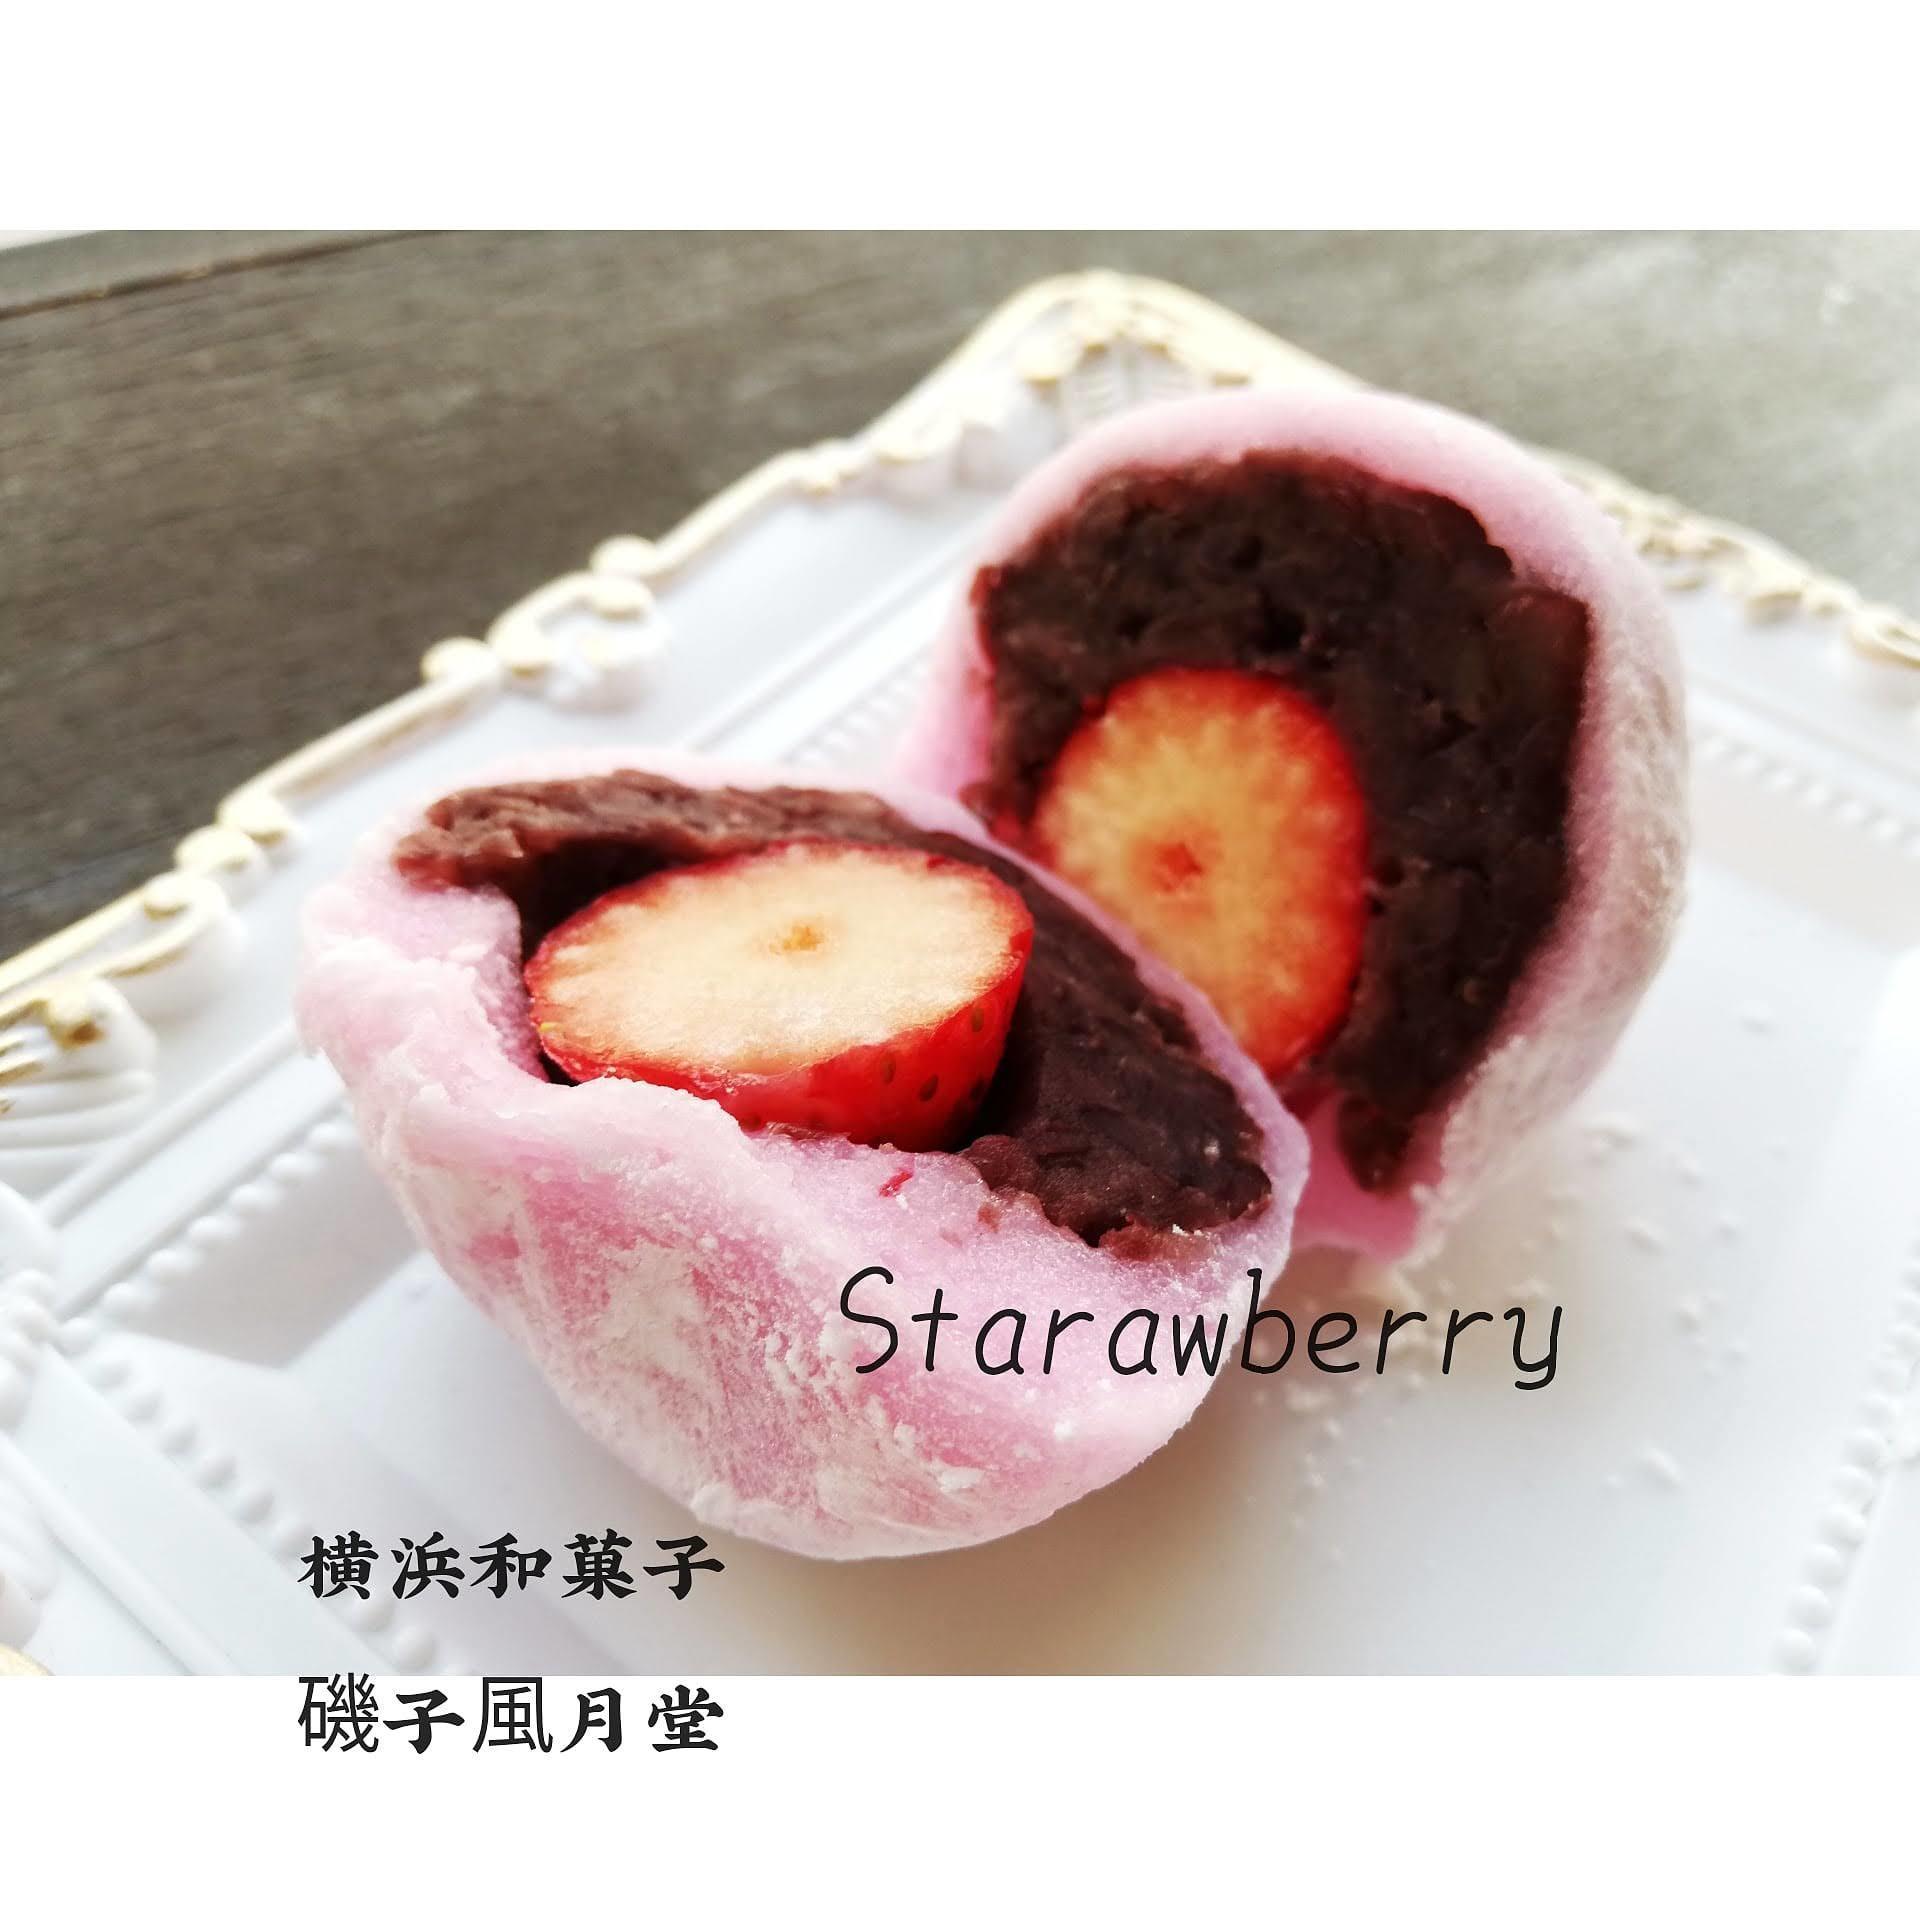 いろんな苺のいちご大福 @横浜和菓子磯子風月堂 金土日の週末限定販売です。_e0092594_21485674.jpg